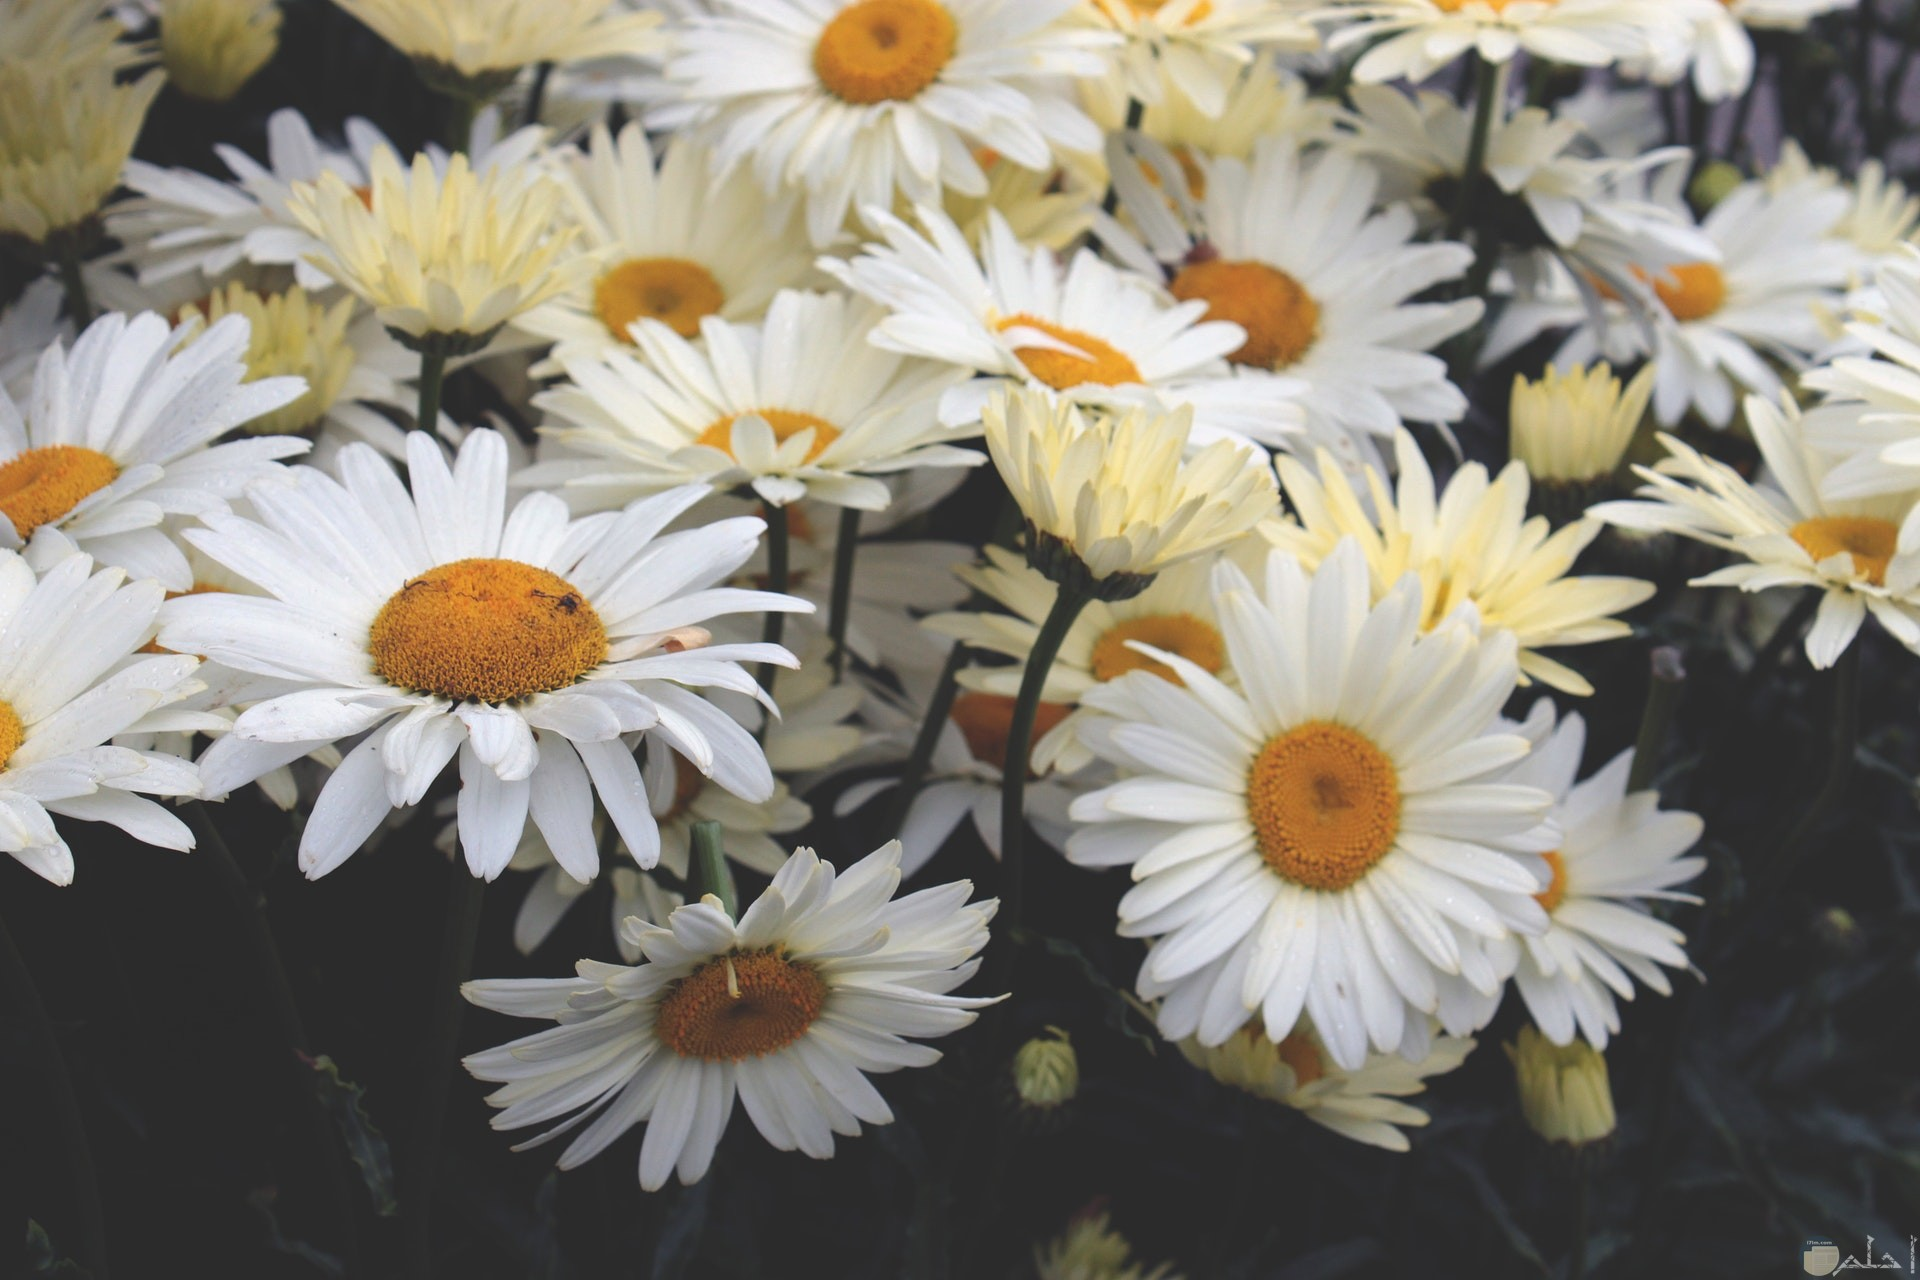 صورة مميزة لمجموعة من الورود البيضاء الجميلة بالحديقة